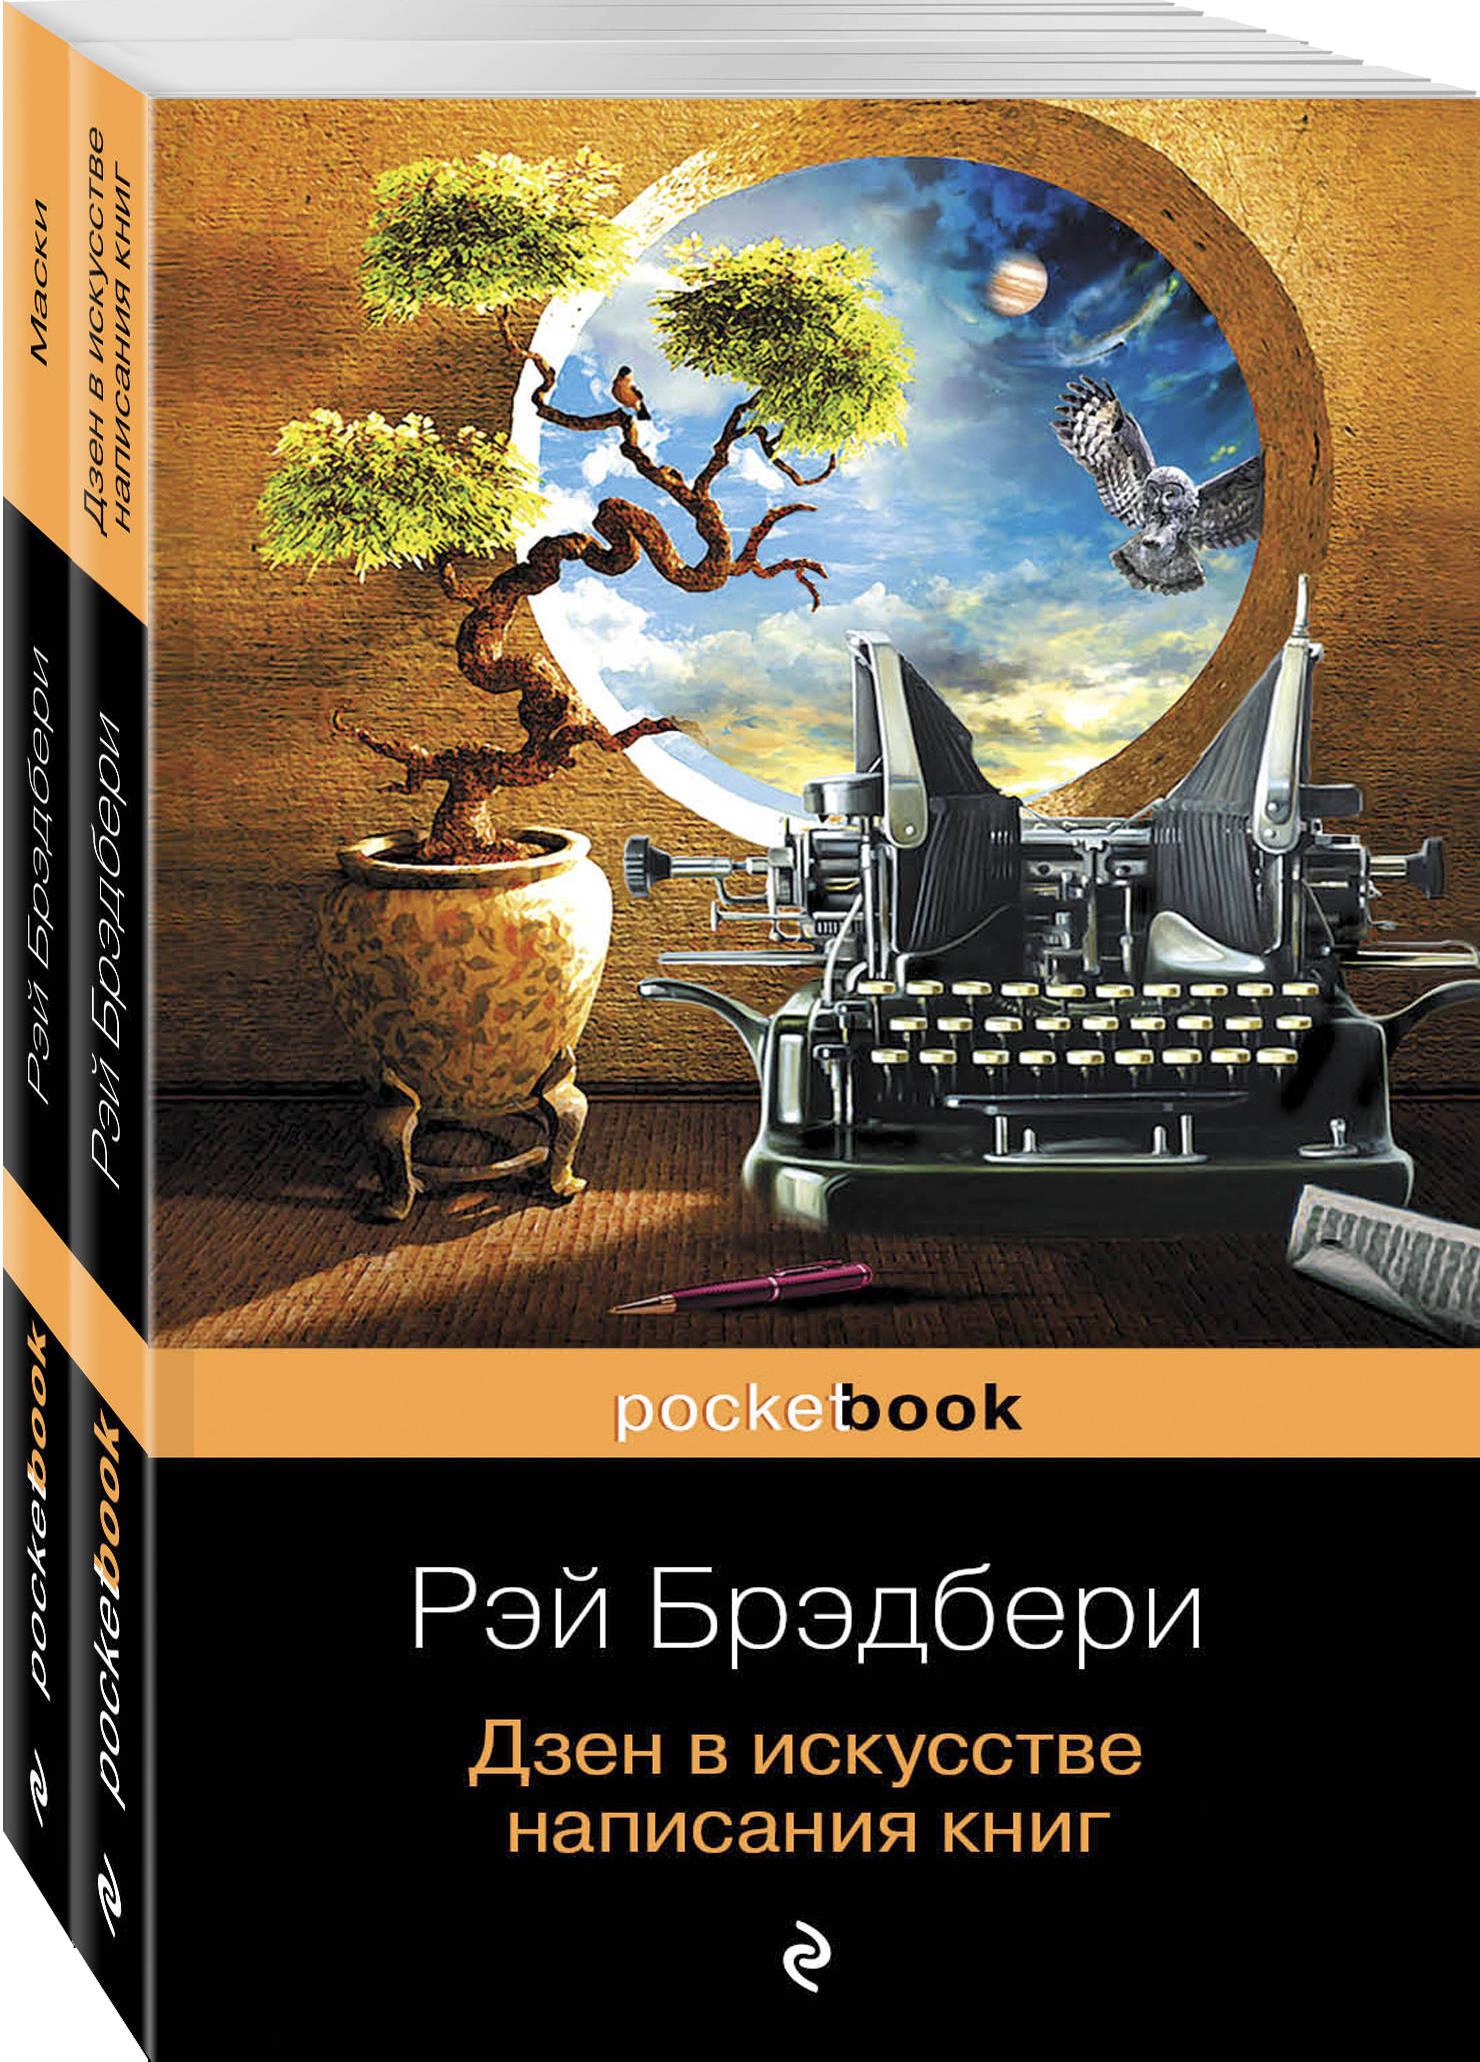 Брэдбери Р. Книги о жизни и творчестве для фанатов Рэя Брэдбери (комплект из 2 книг) хоум р везенков о как быть счастливой женщиной обновление судьбы за 21 день комплект из 2 книг